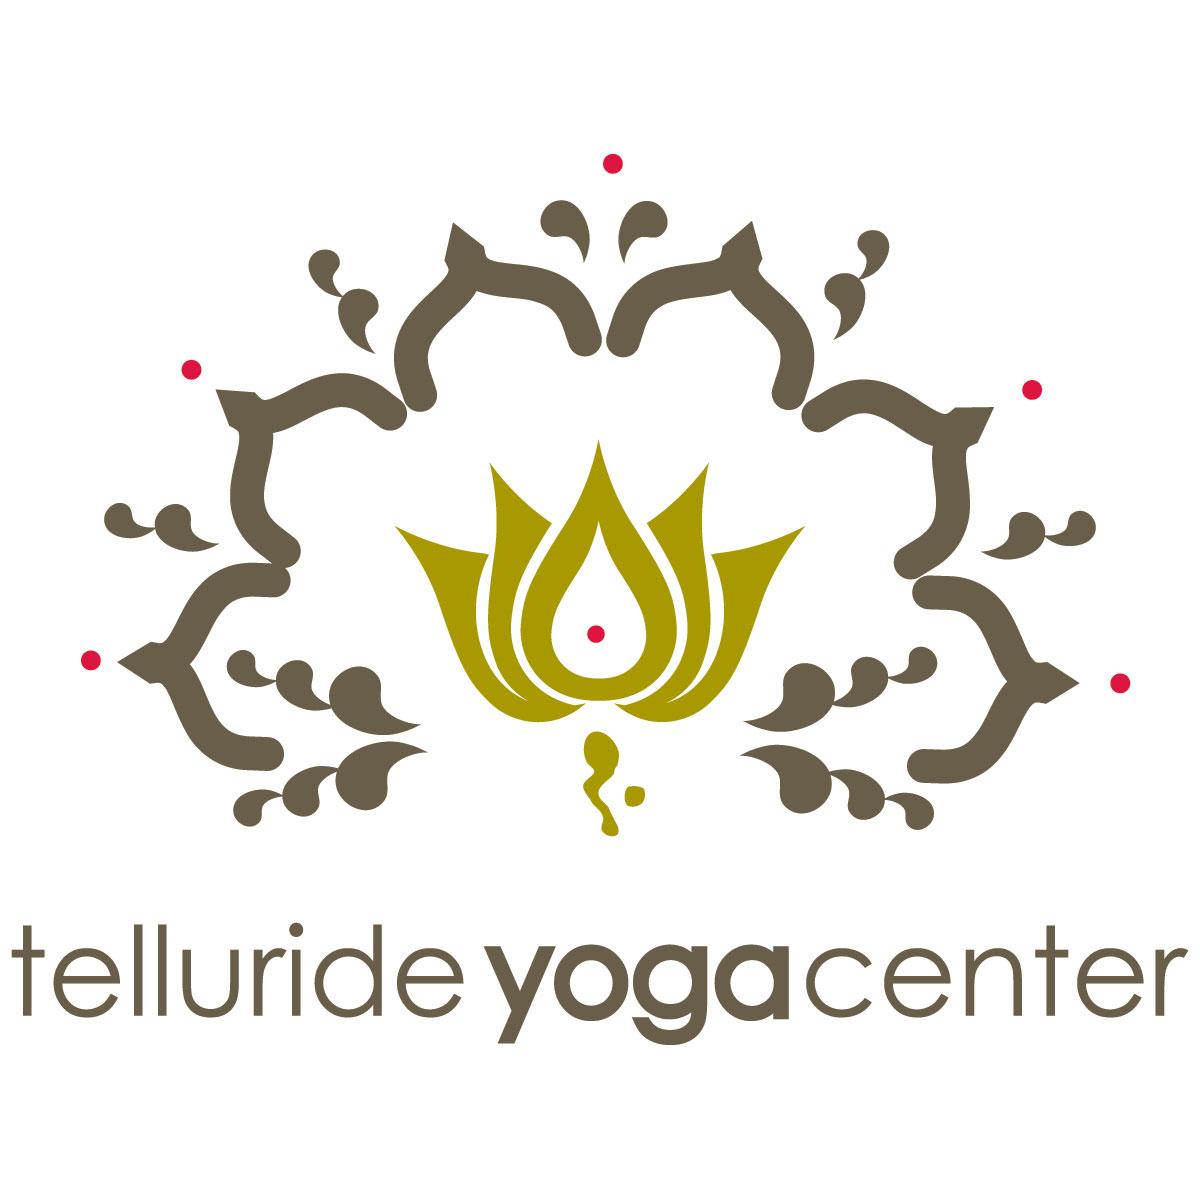 telluride_yoga_center_logo.jpg